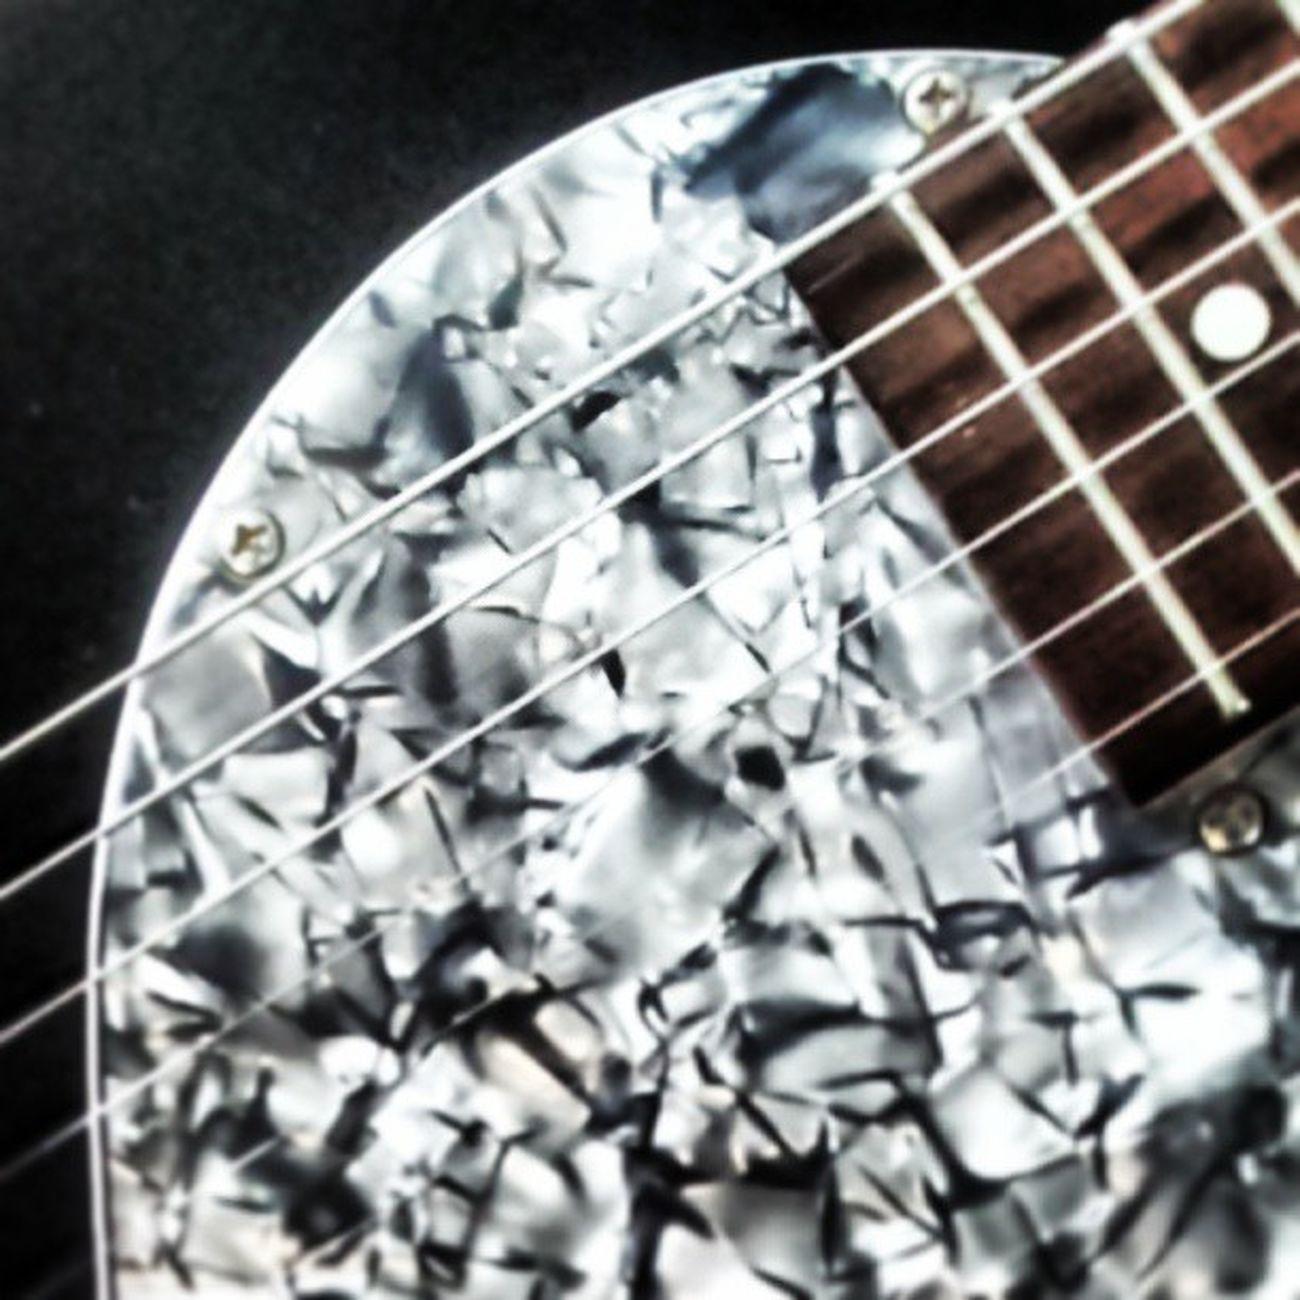 Variax Variaxguitar Motherofpearl Motherofpearlscratchplate guitar guitars